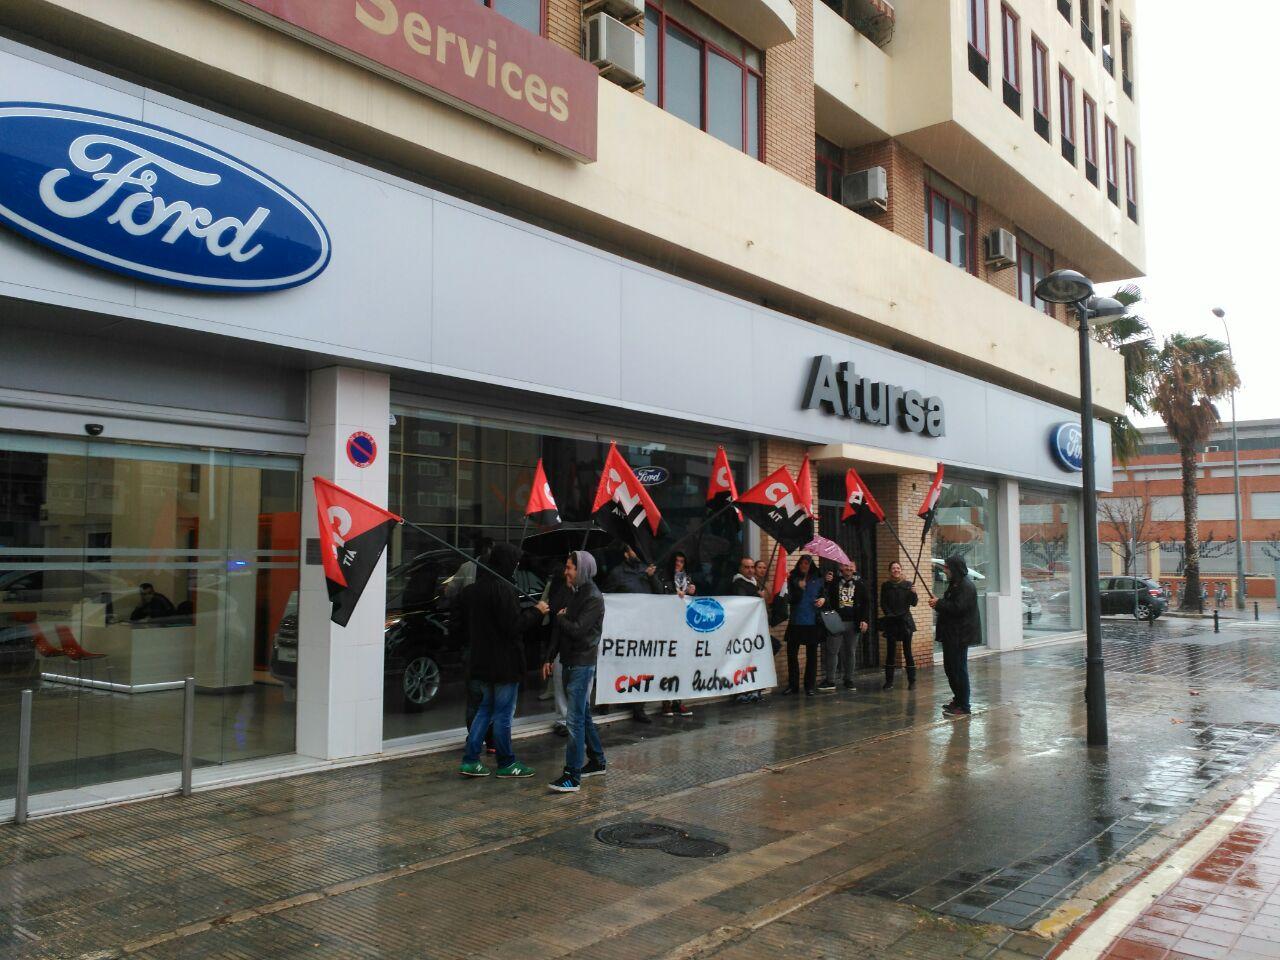 [Crónica] Concentración de CNT Valencia en Atursa durante la Semana de Lucha contra Ford